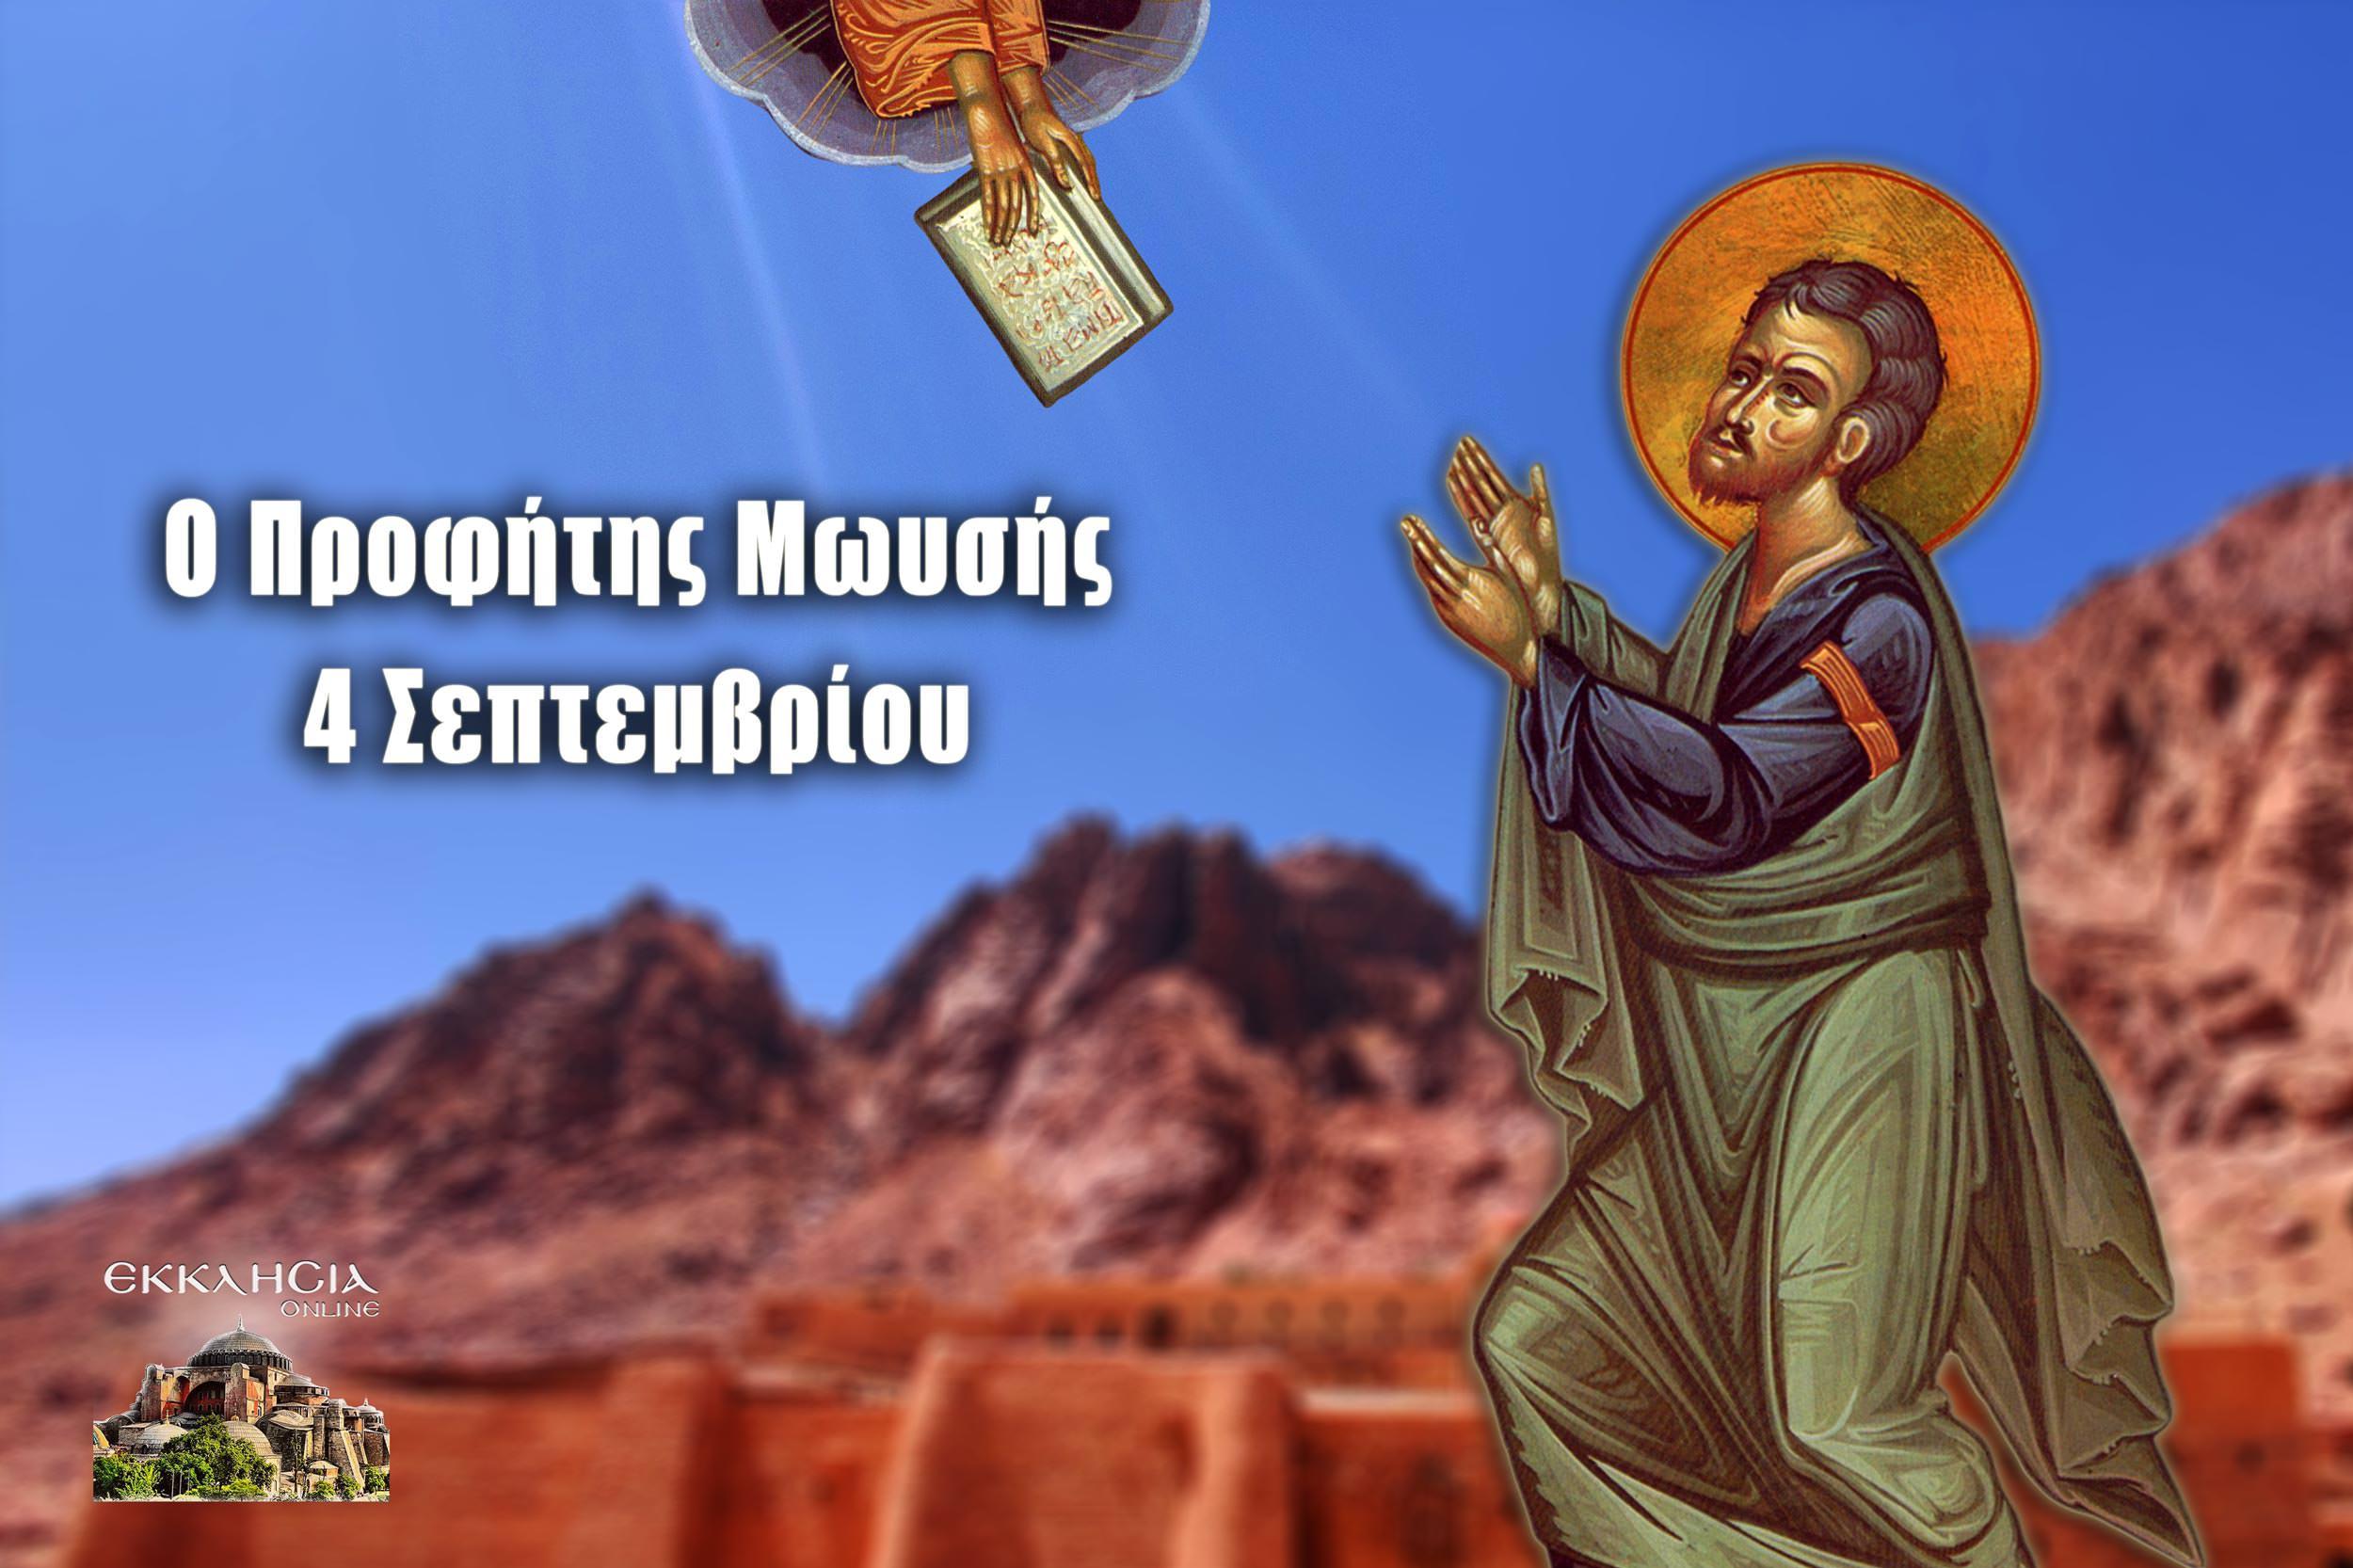 Προφήτης Μωυσής 4 Σεπτεμβρίου